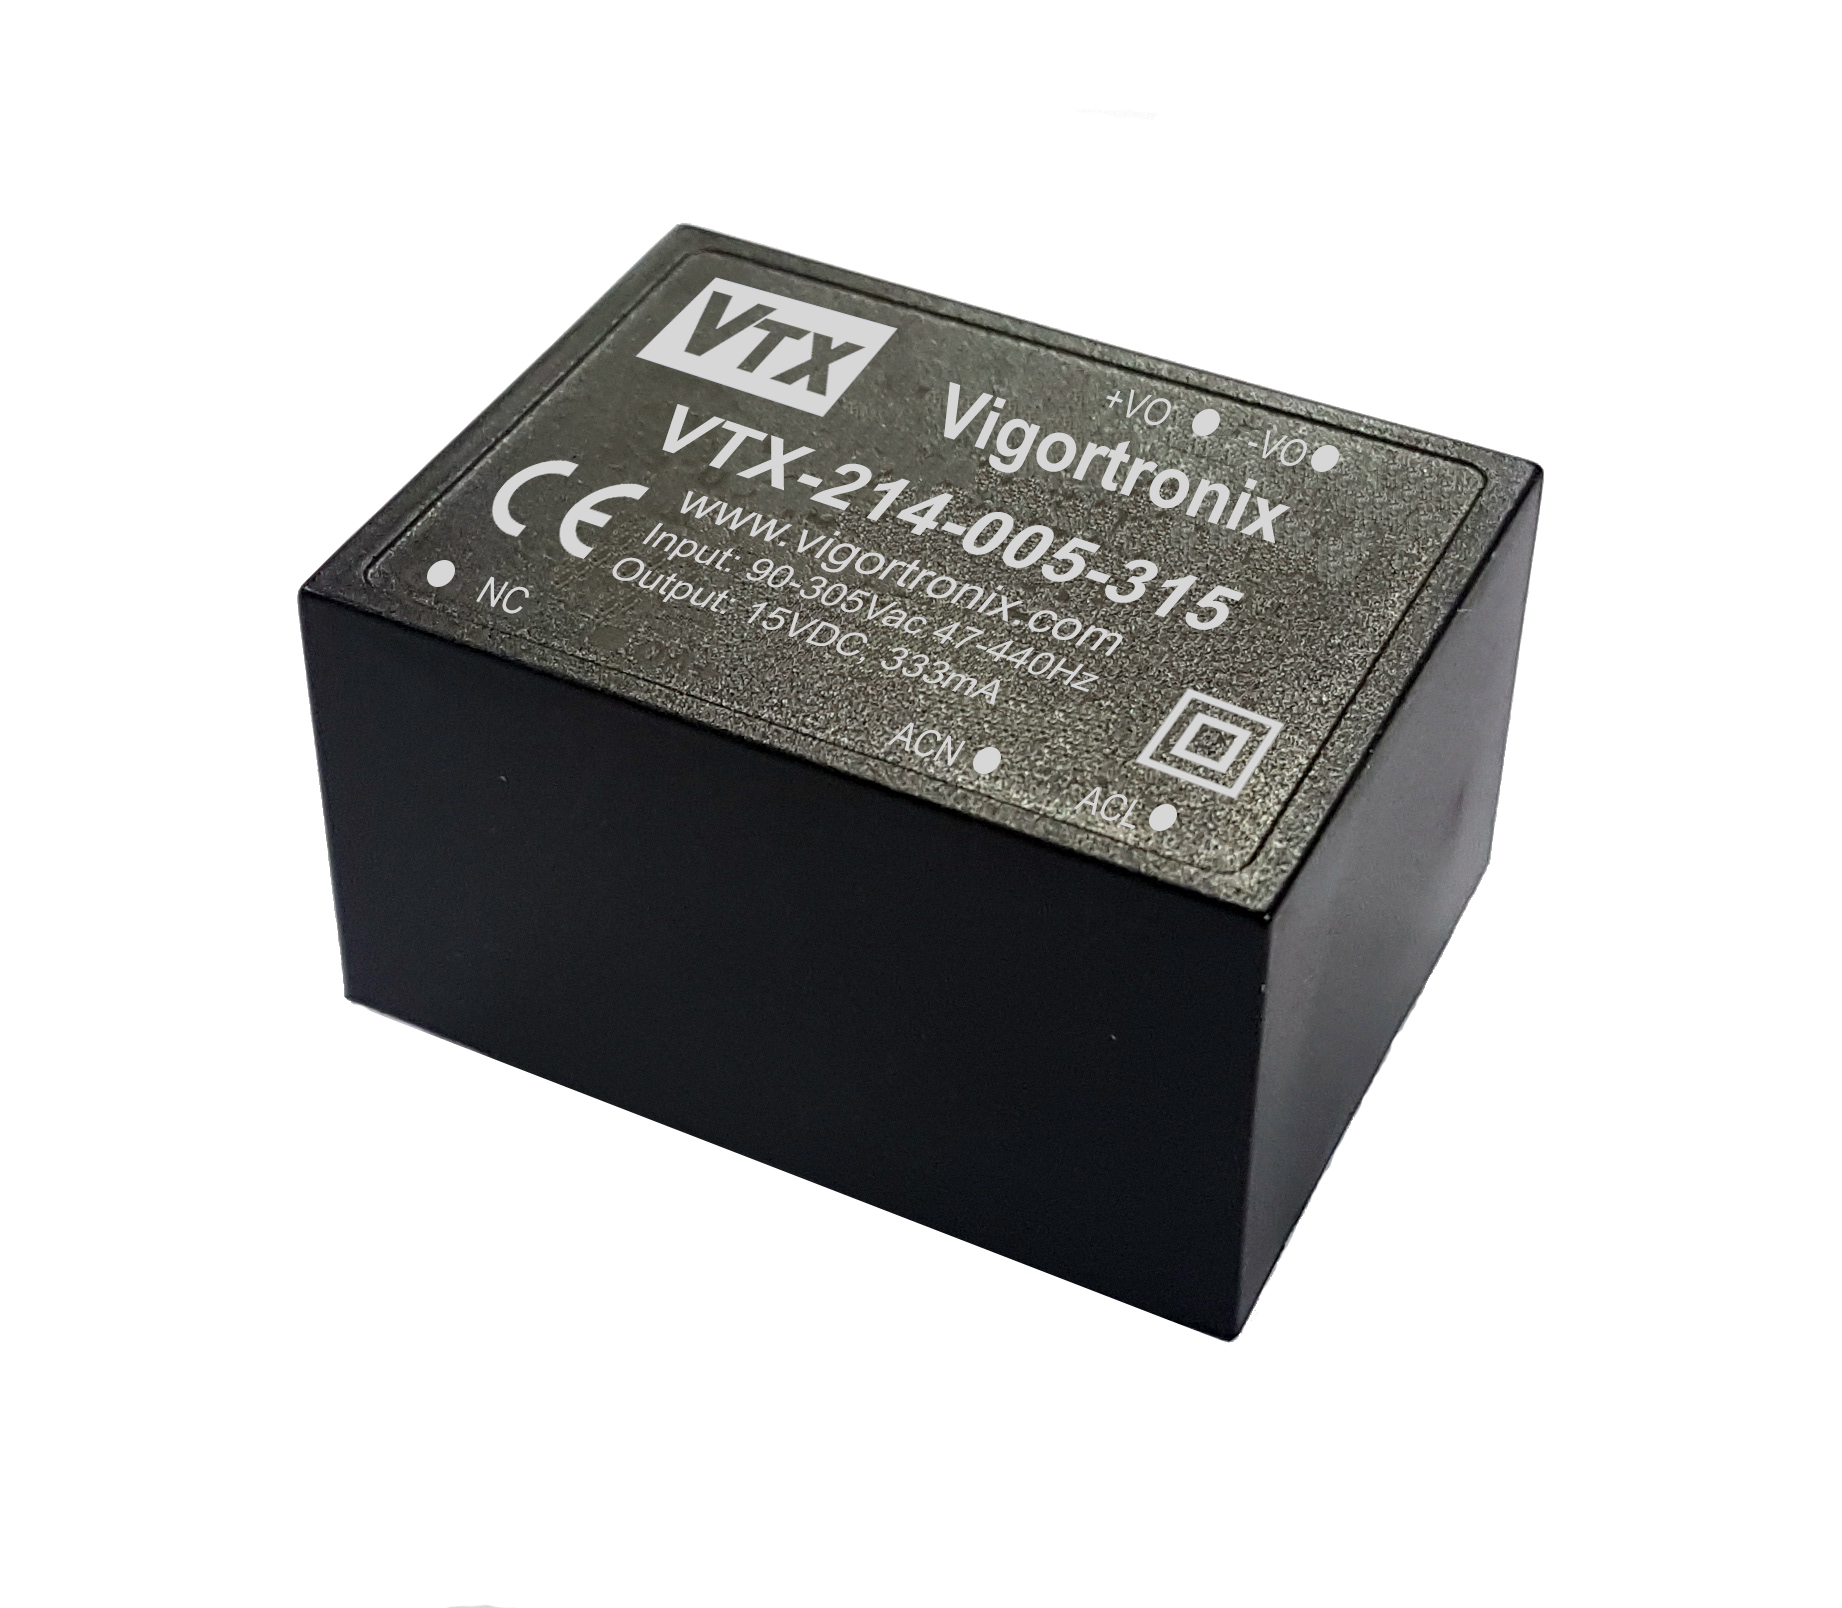 Vigortronix VTX-214-015-105 15 W SMPS AC-DC Converter output 5 V